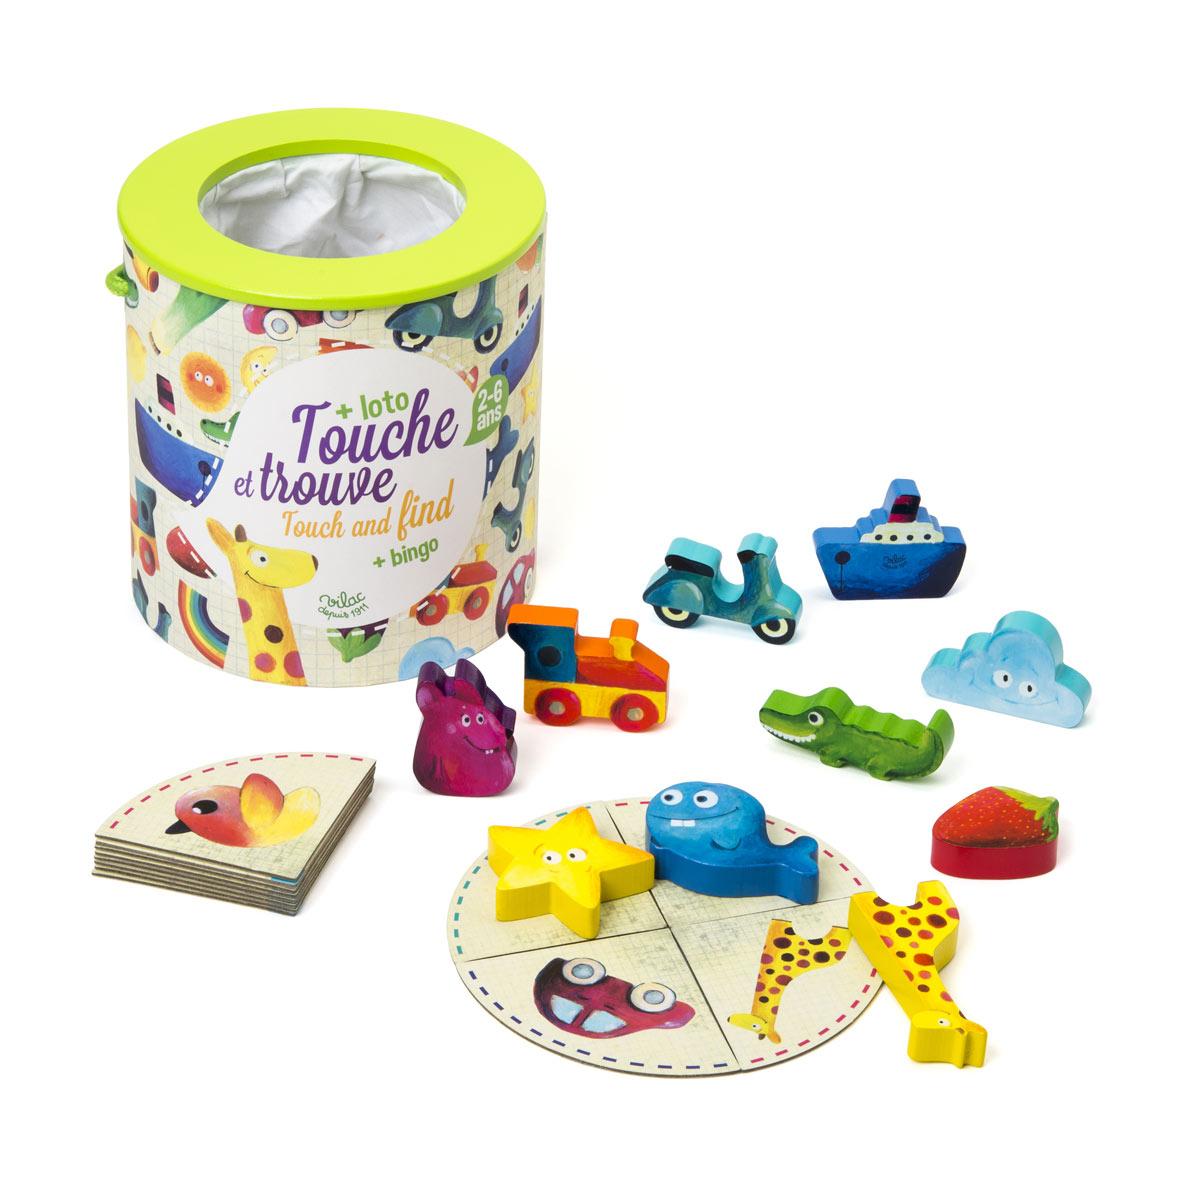 Cadeau, Jeux, Jouets Pas Cher Pour Enfant De 2 Ans, 3 Ans, 4 tout Jeux Educatif Maternelle Moyenne Section